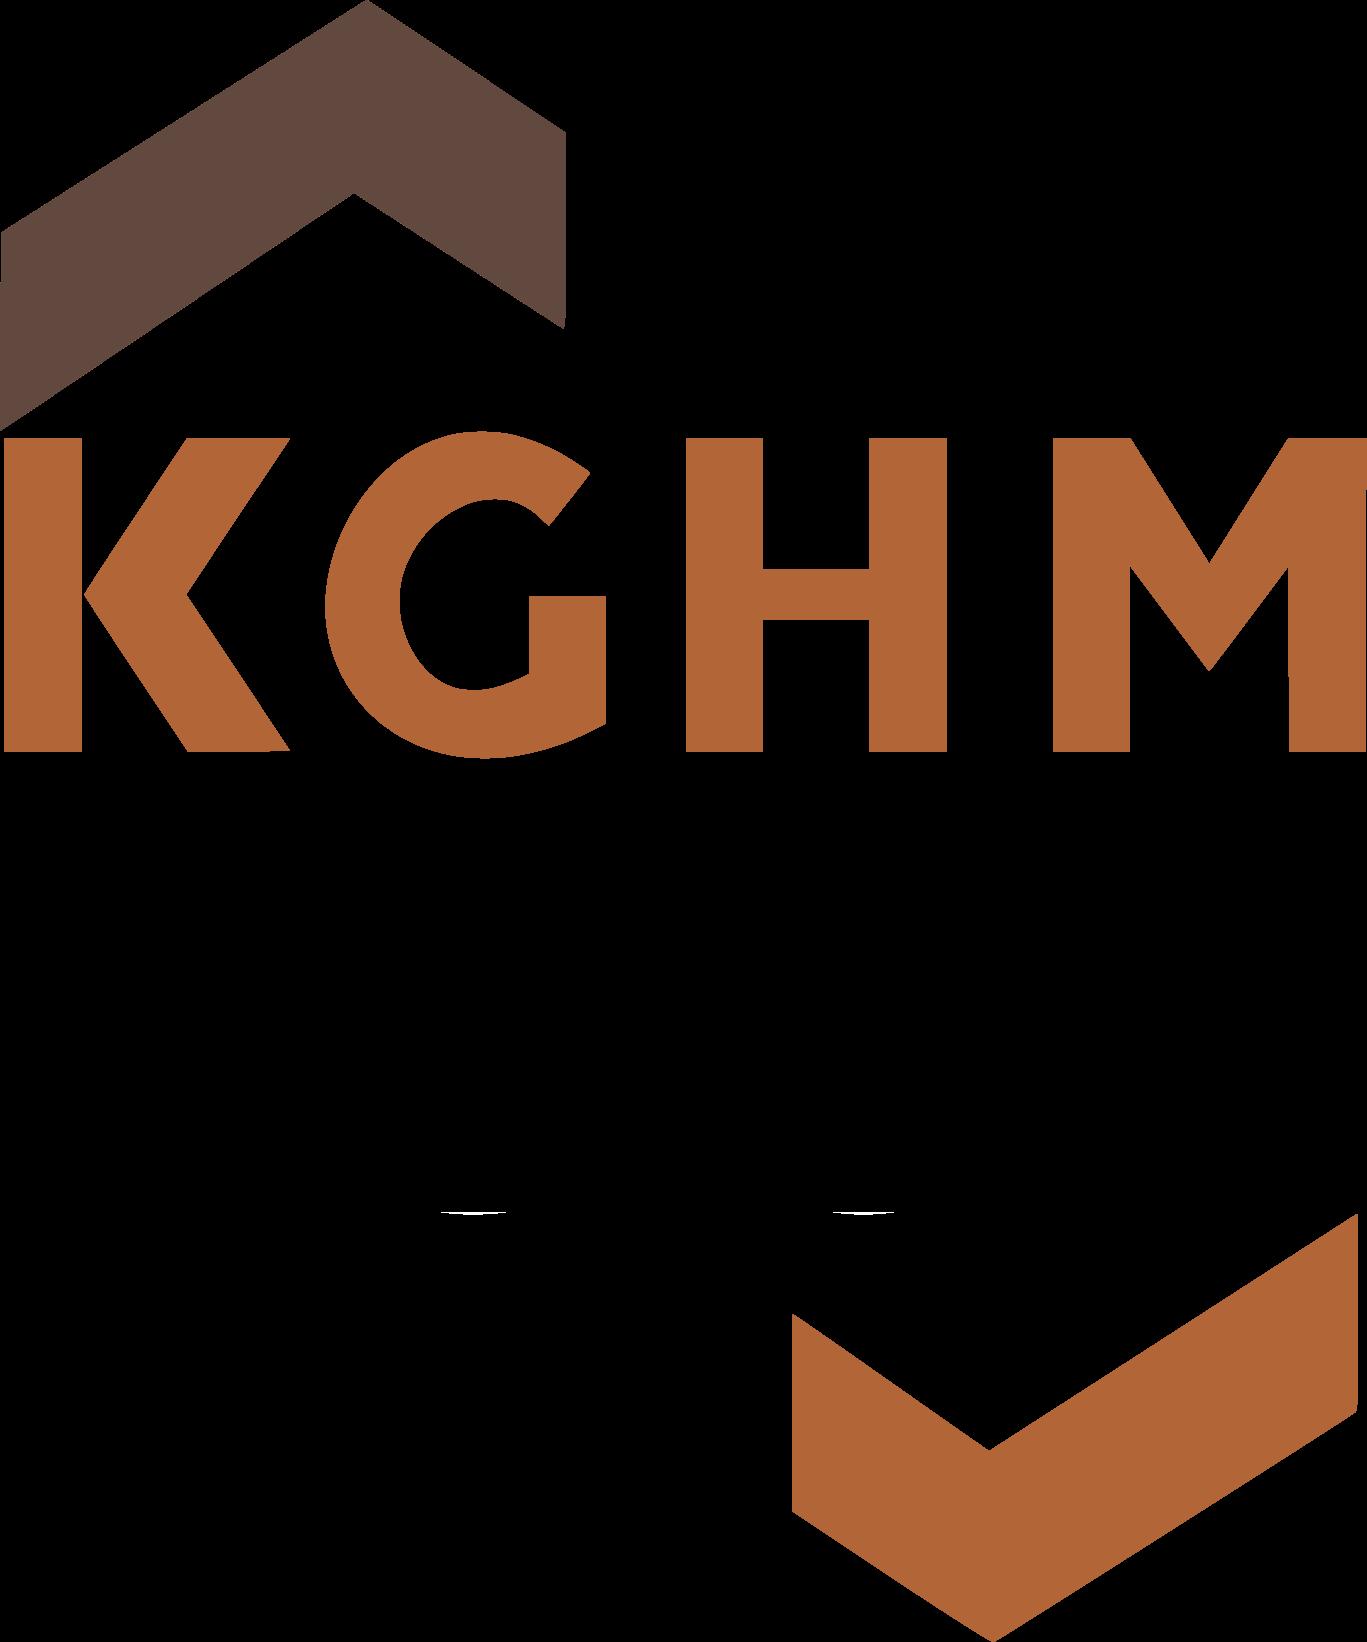 KGHM Tour